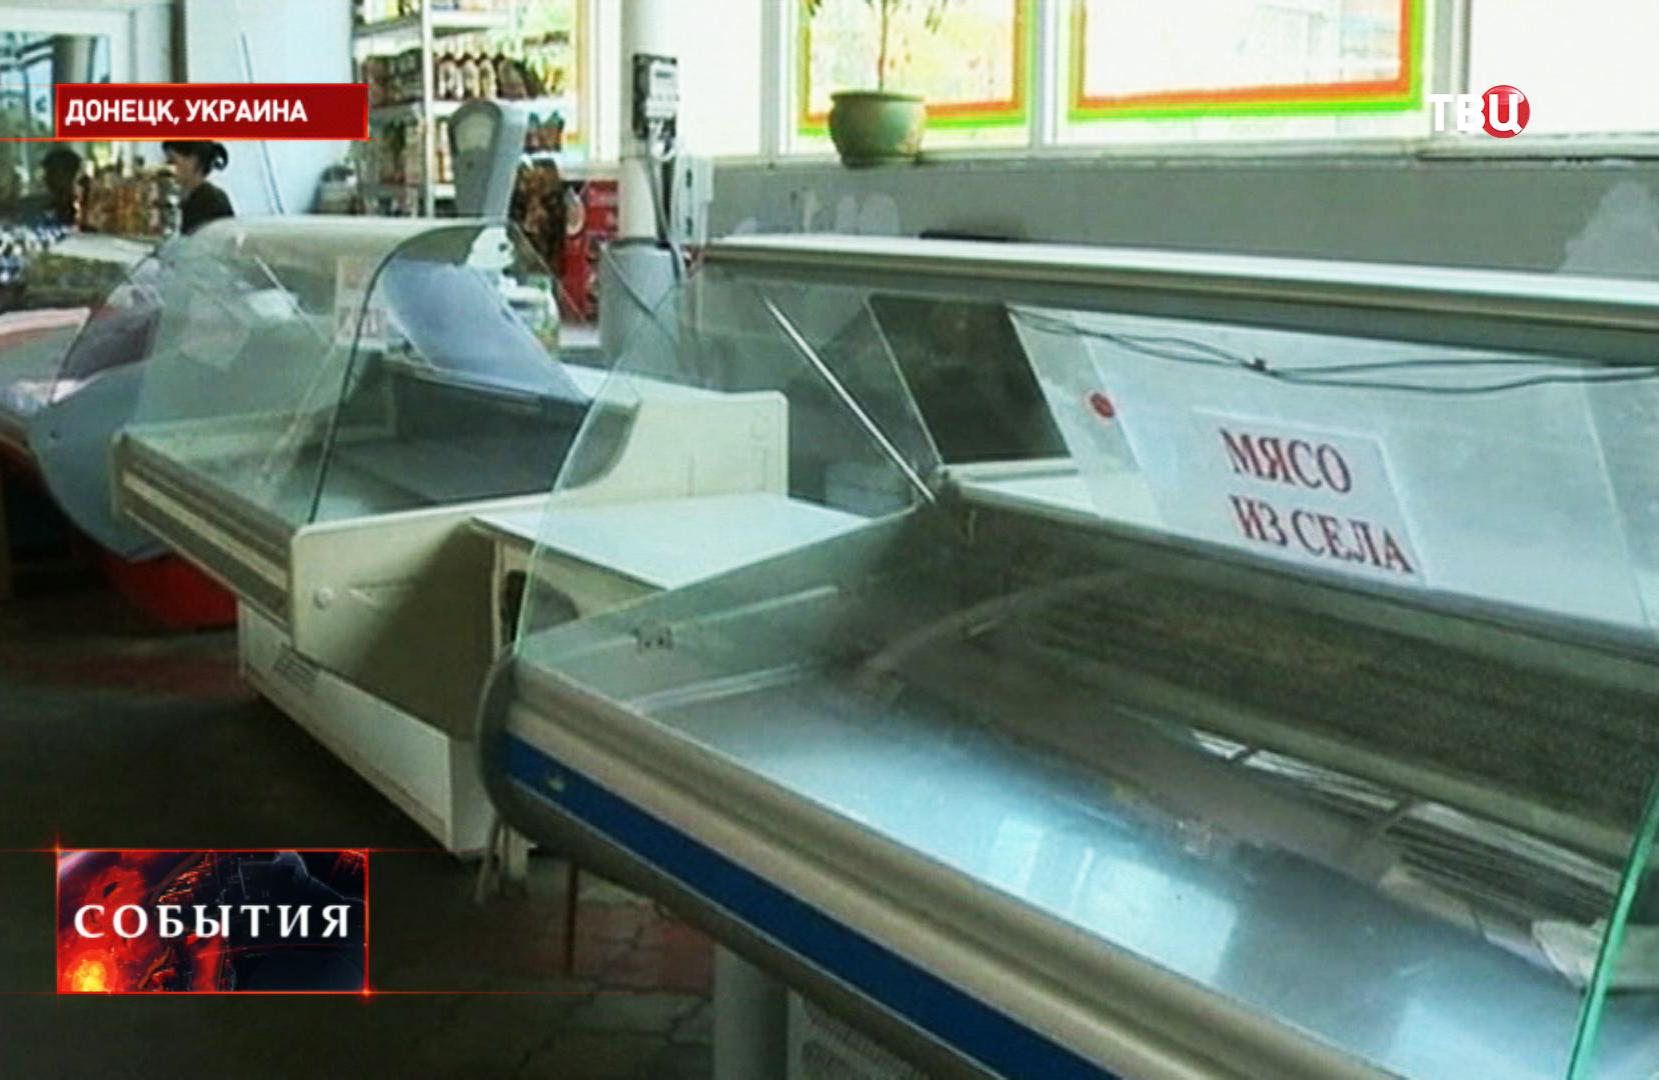 Продуктовый магазин в Донецке